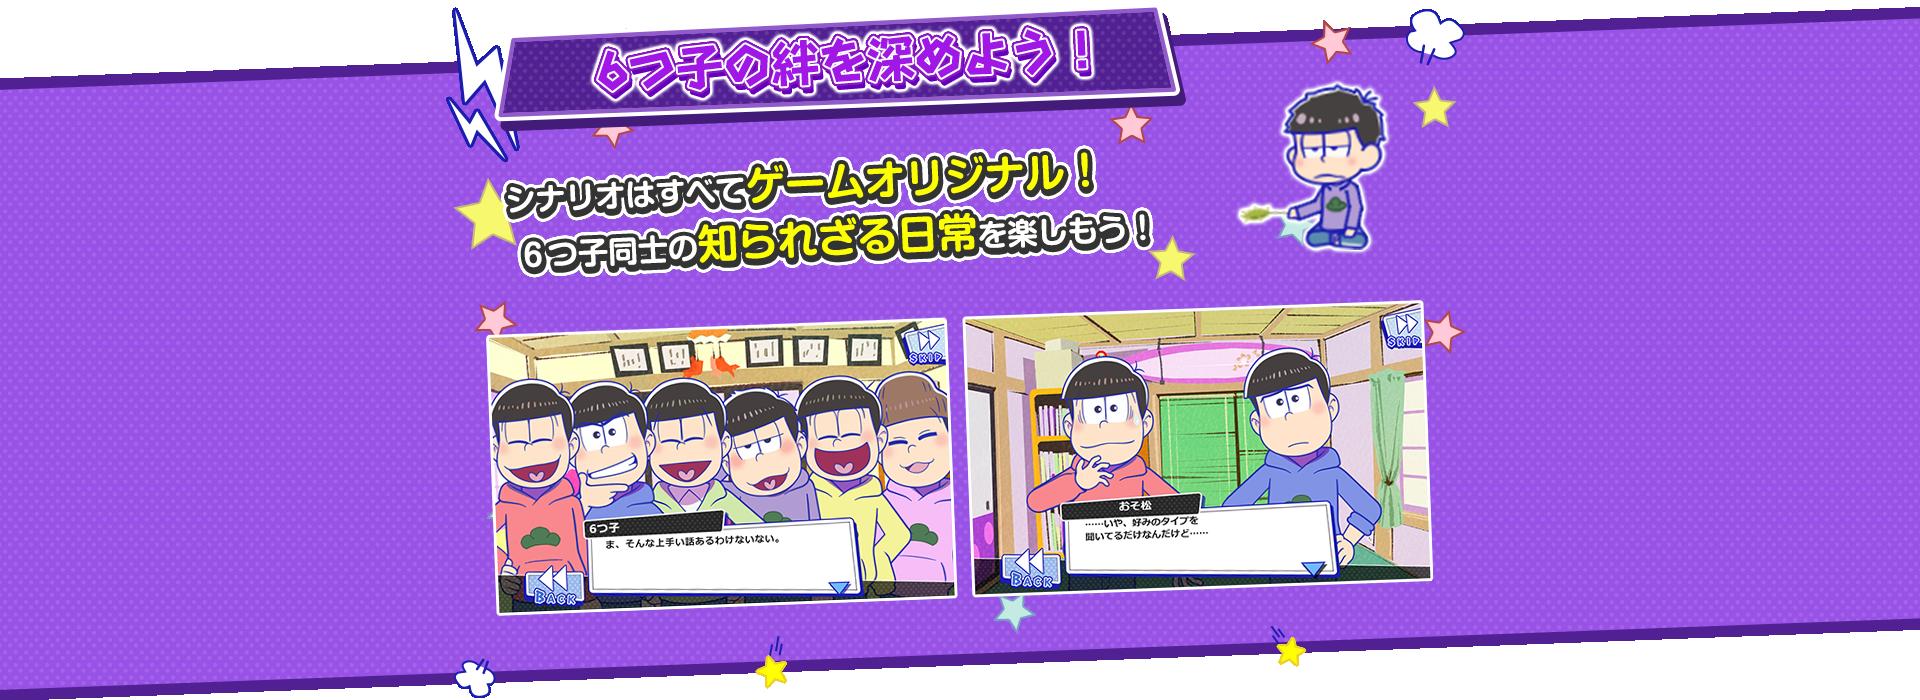 6つ子の絆を深めよう!シナリオはすべてゲームオリジナル!6つ子同士の知られざる日常を楽しもう!